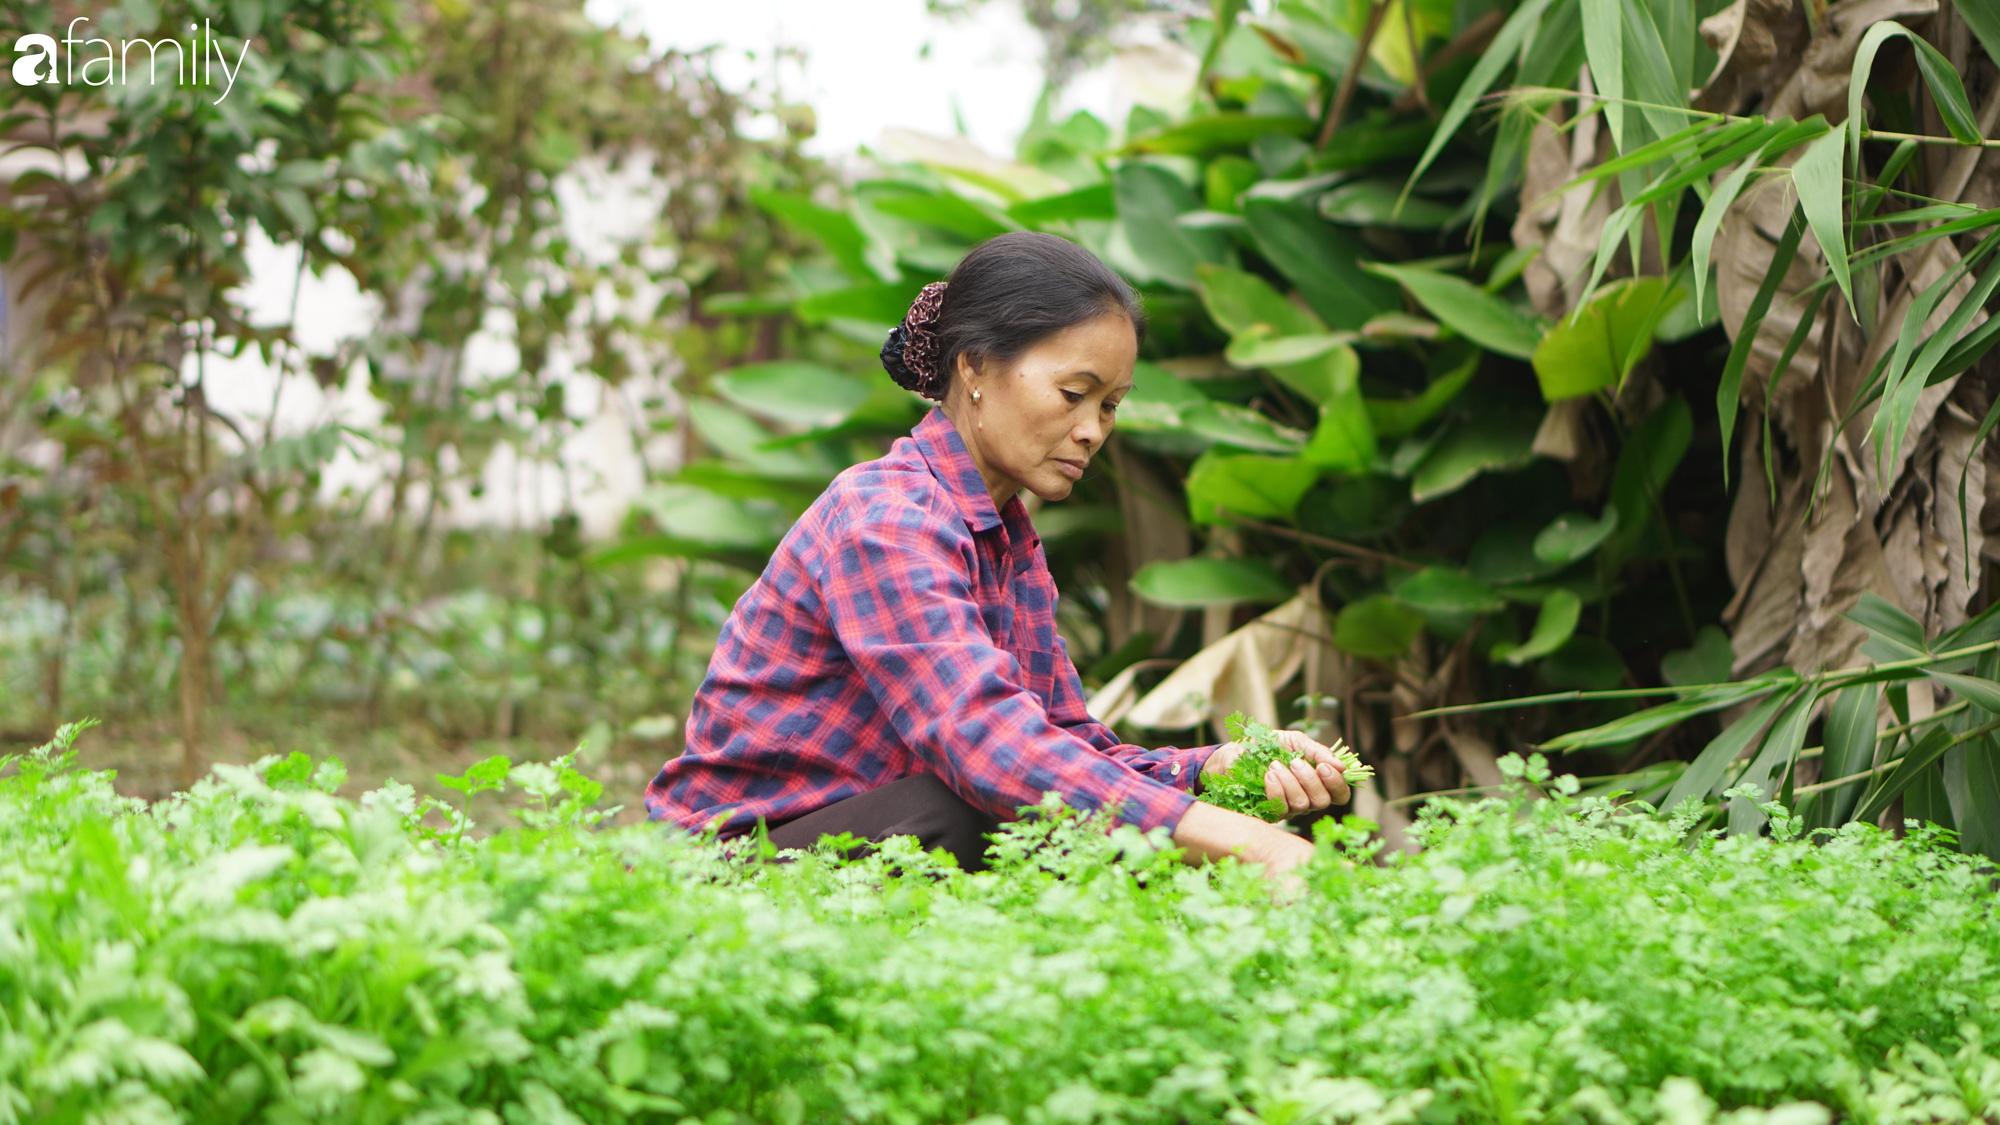 """Gặp hai mẹ con """"Ẩm thực mẹ làm"""" sau 1 năm nổi tiếng: Nếp nhà vẫn như xưa, mảnh vườn thì lớn hơn và hai mẹ con cùng phấn đấu triệu sub cho năm sau - Ảnh 5."""